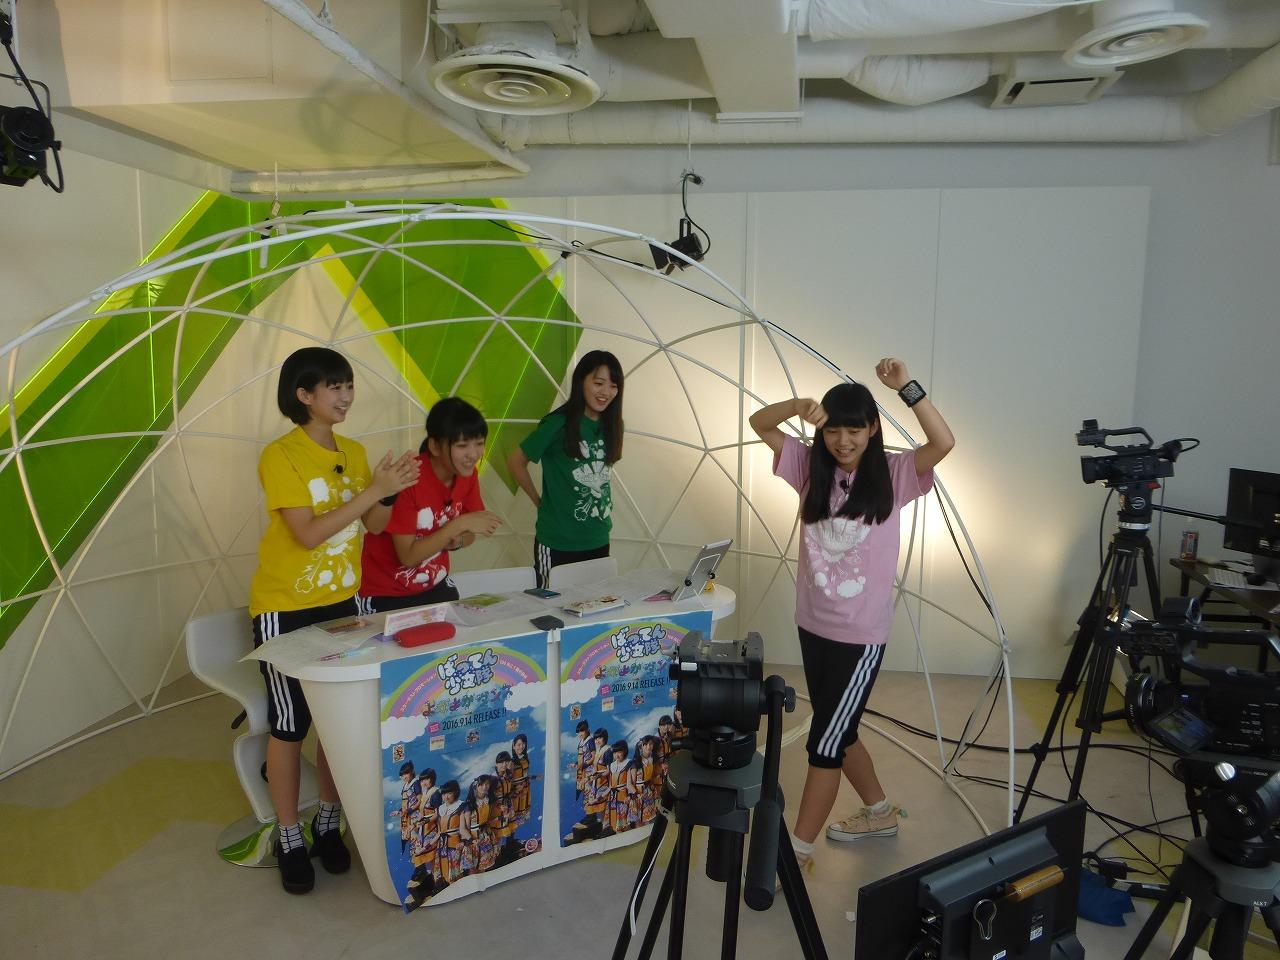 LINE LIVEの「スタチャン」に出演させていただきました。(きいな/理子/愛/有彩)